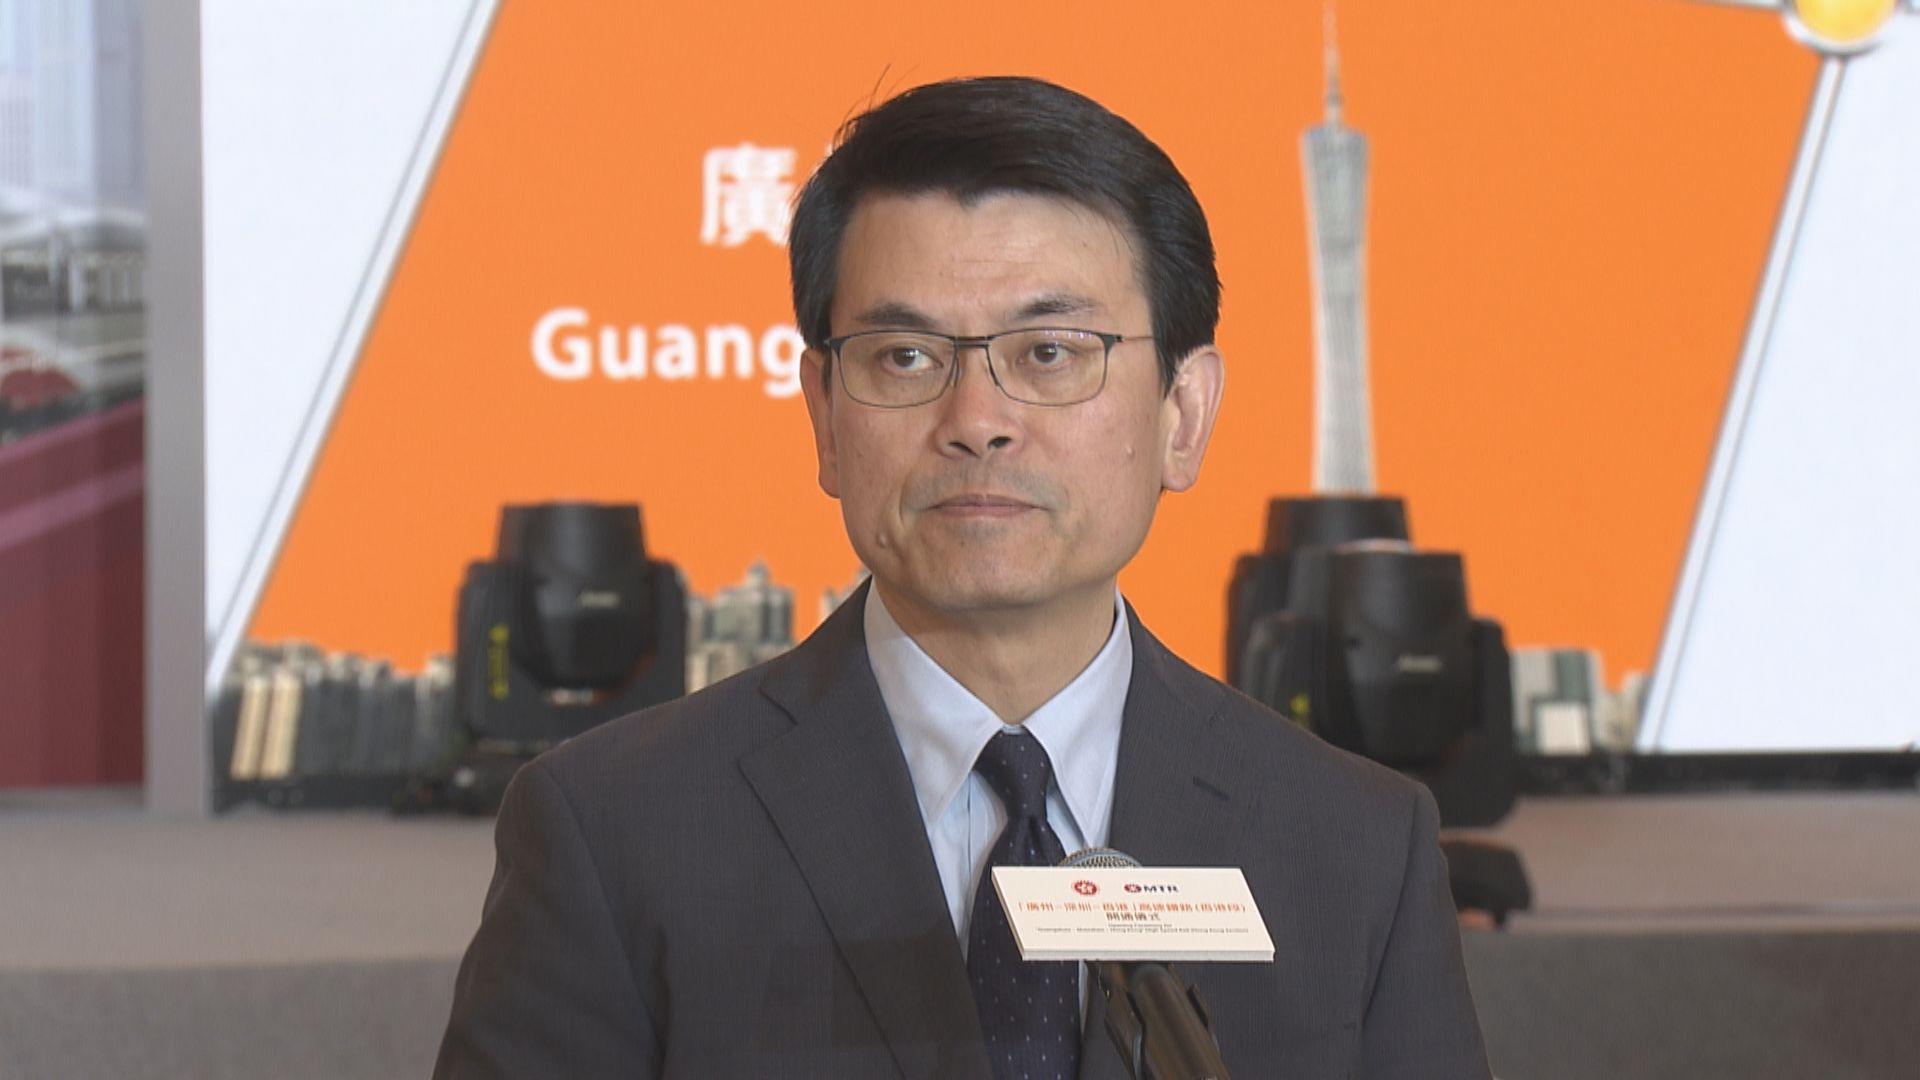 邱騰華:暫緩加徵關稅是正面發展惟仍需關注